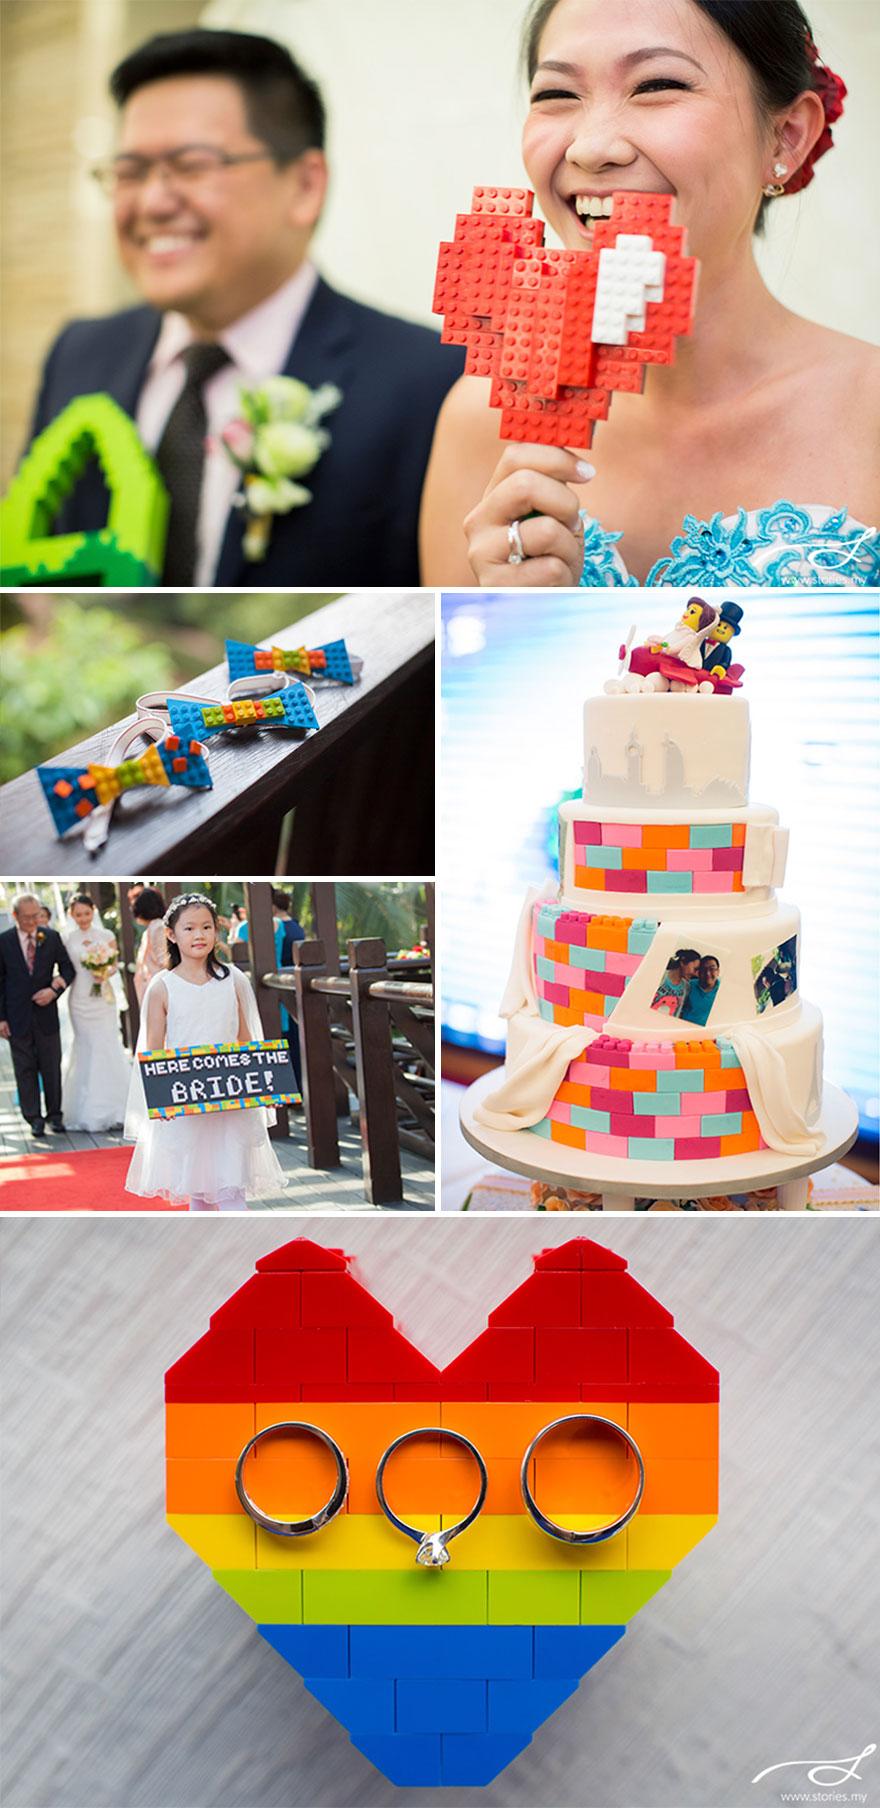 Lego Themed Wedding